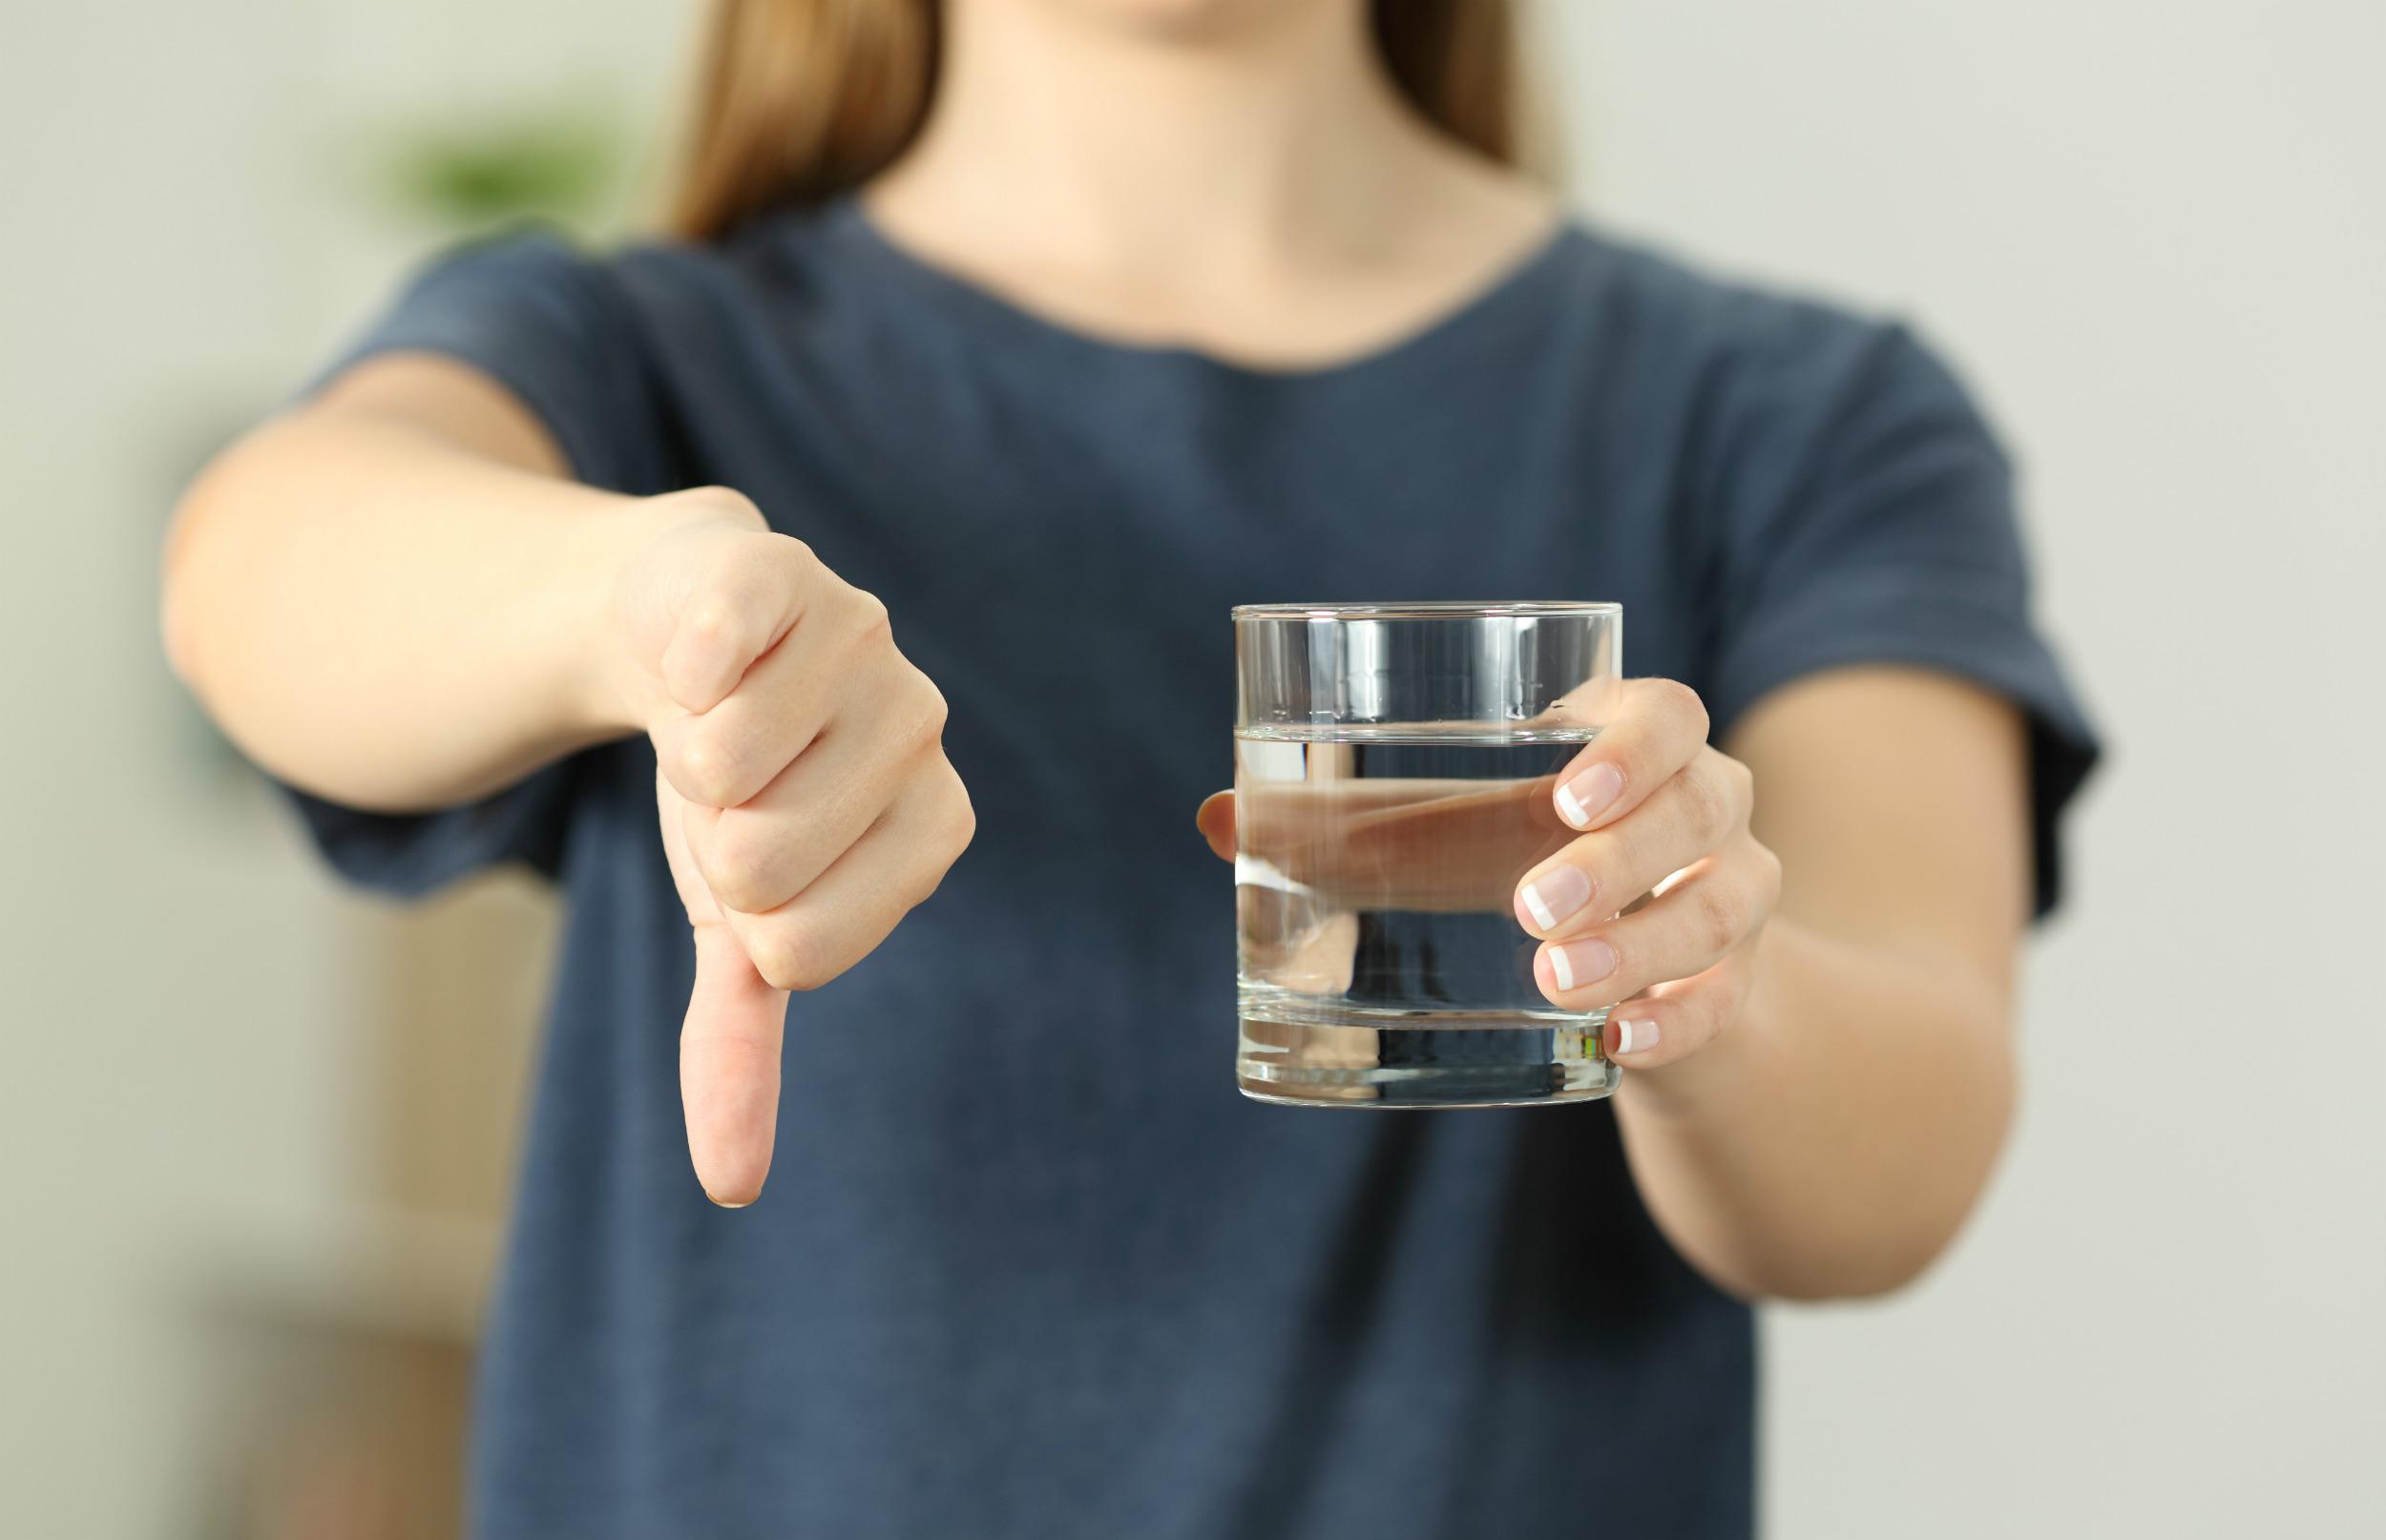 Vi skal beskytte drikkevandet – ikke rense os ud af problemerne